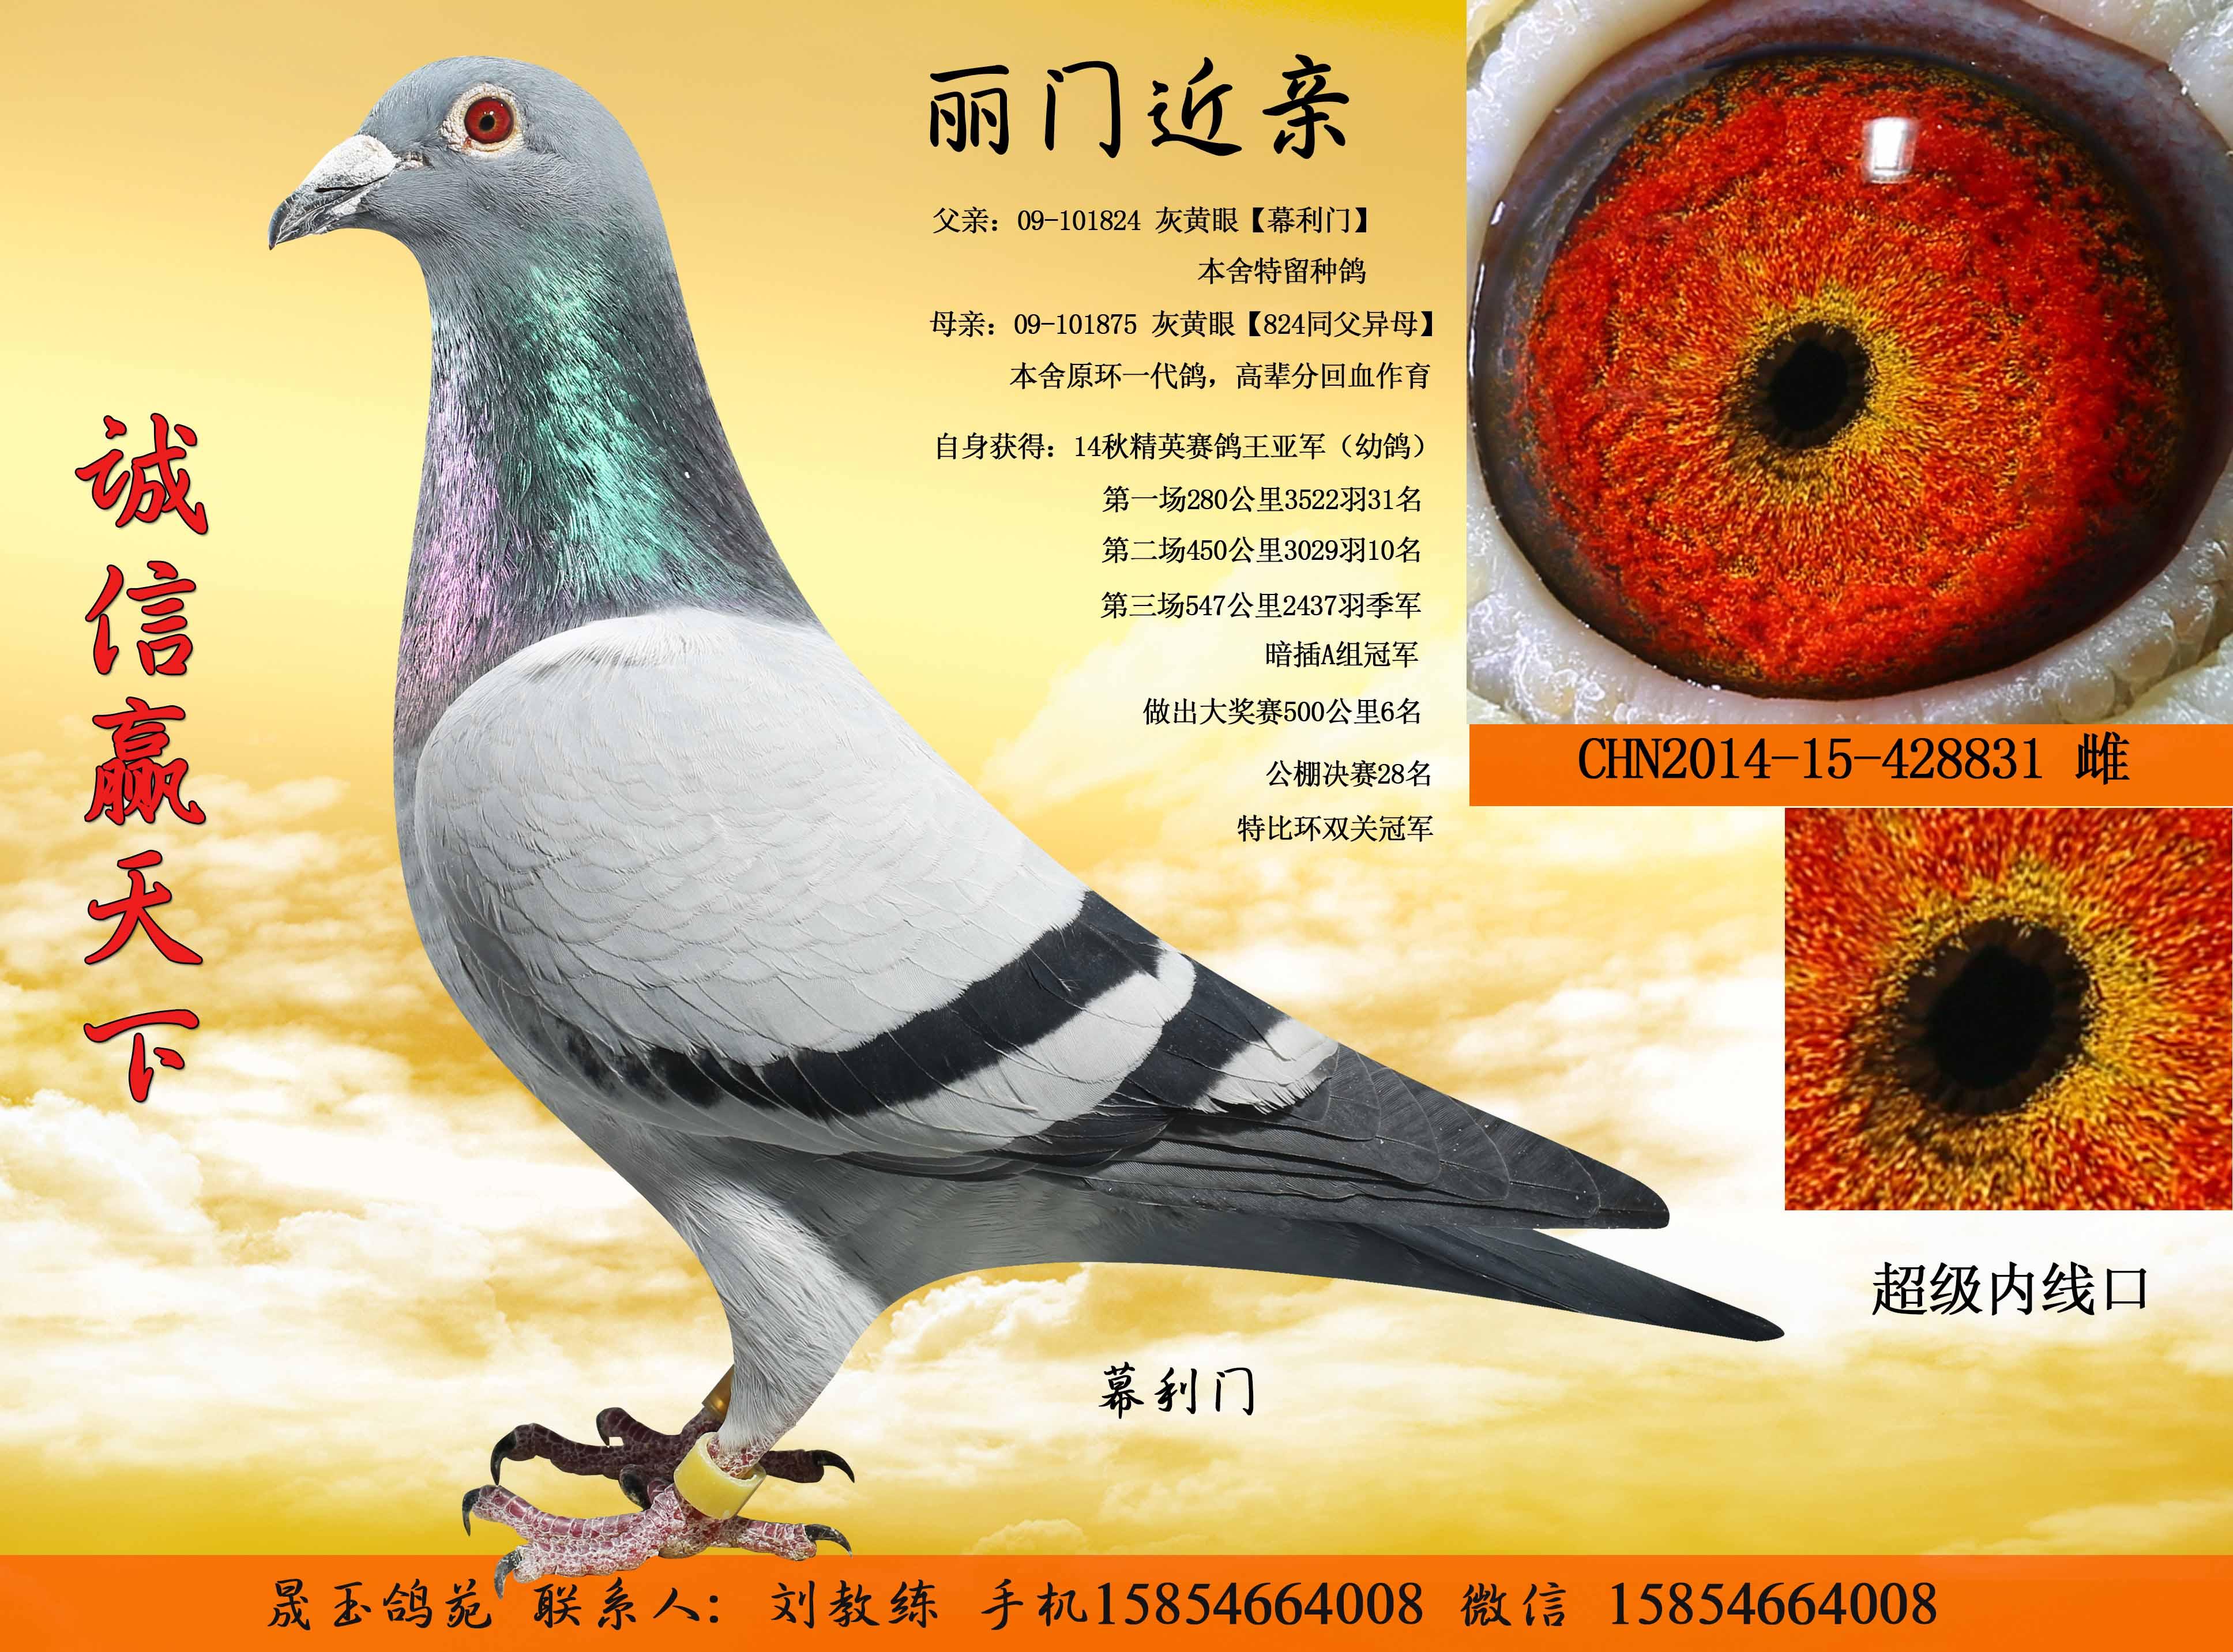 退役种鸽,特价出售